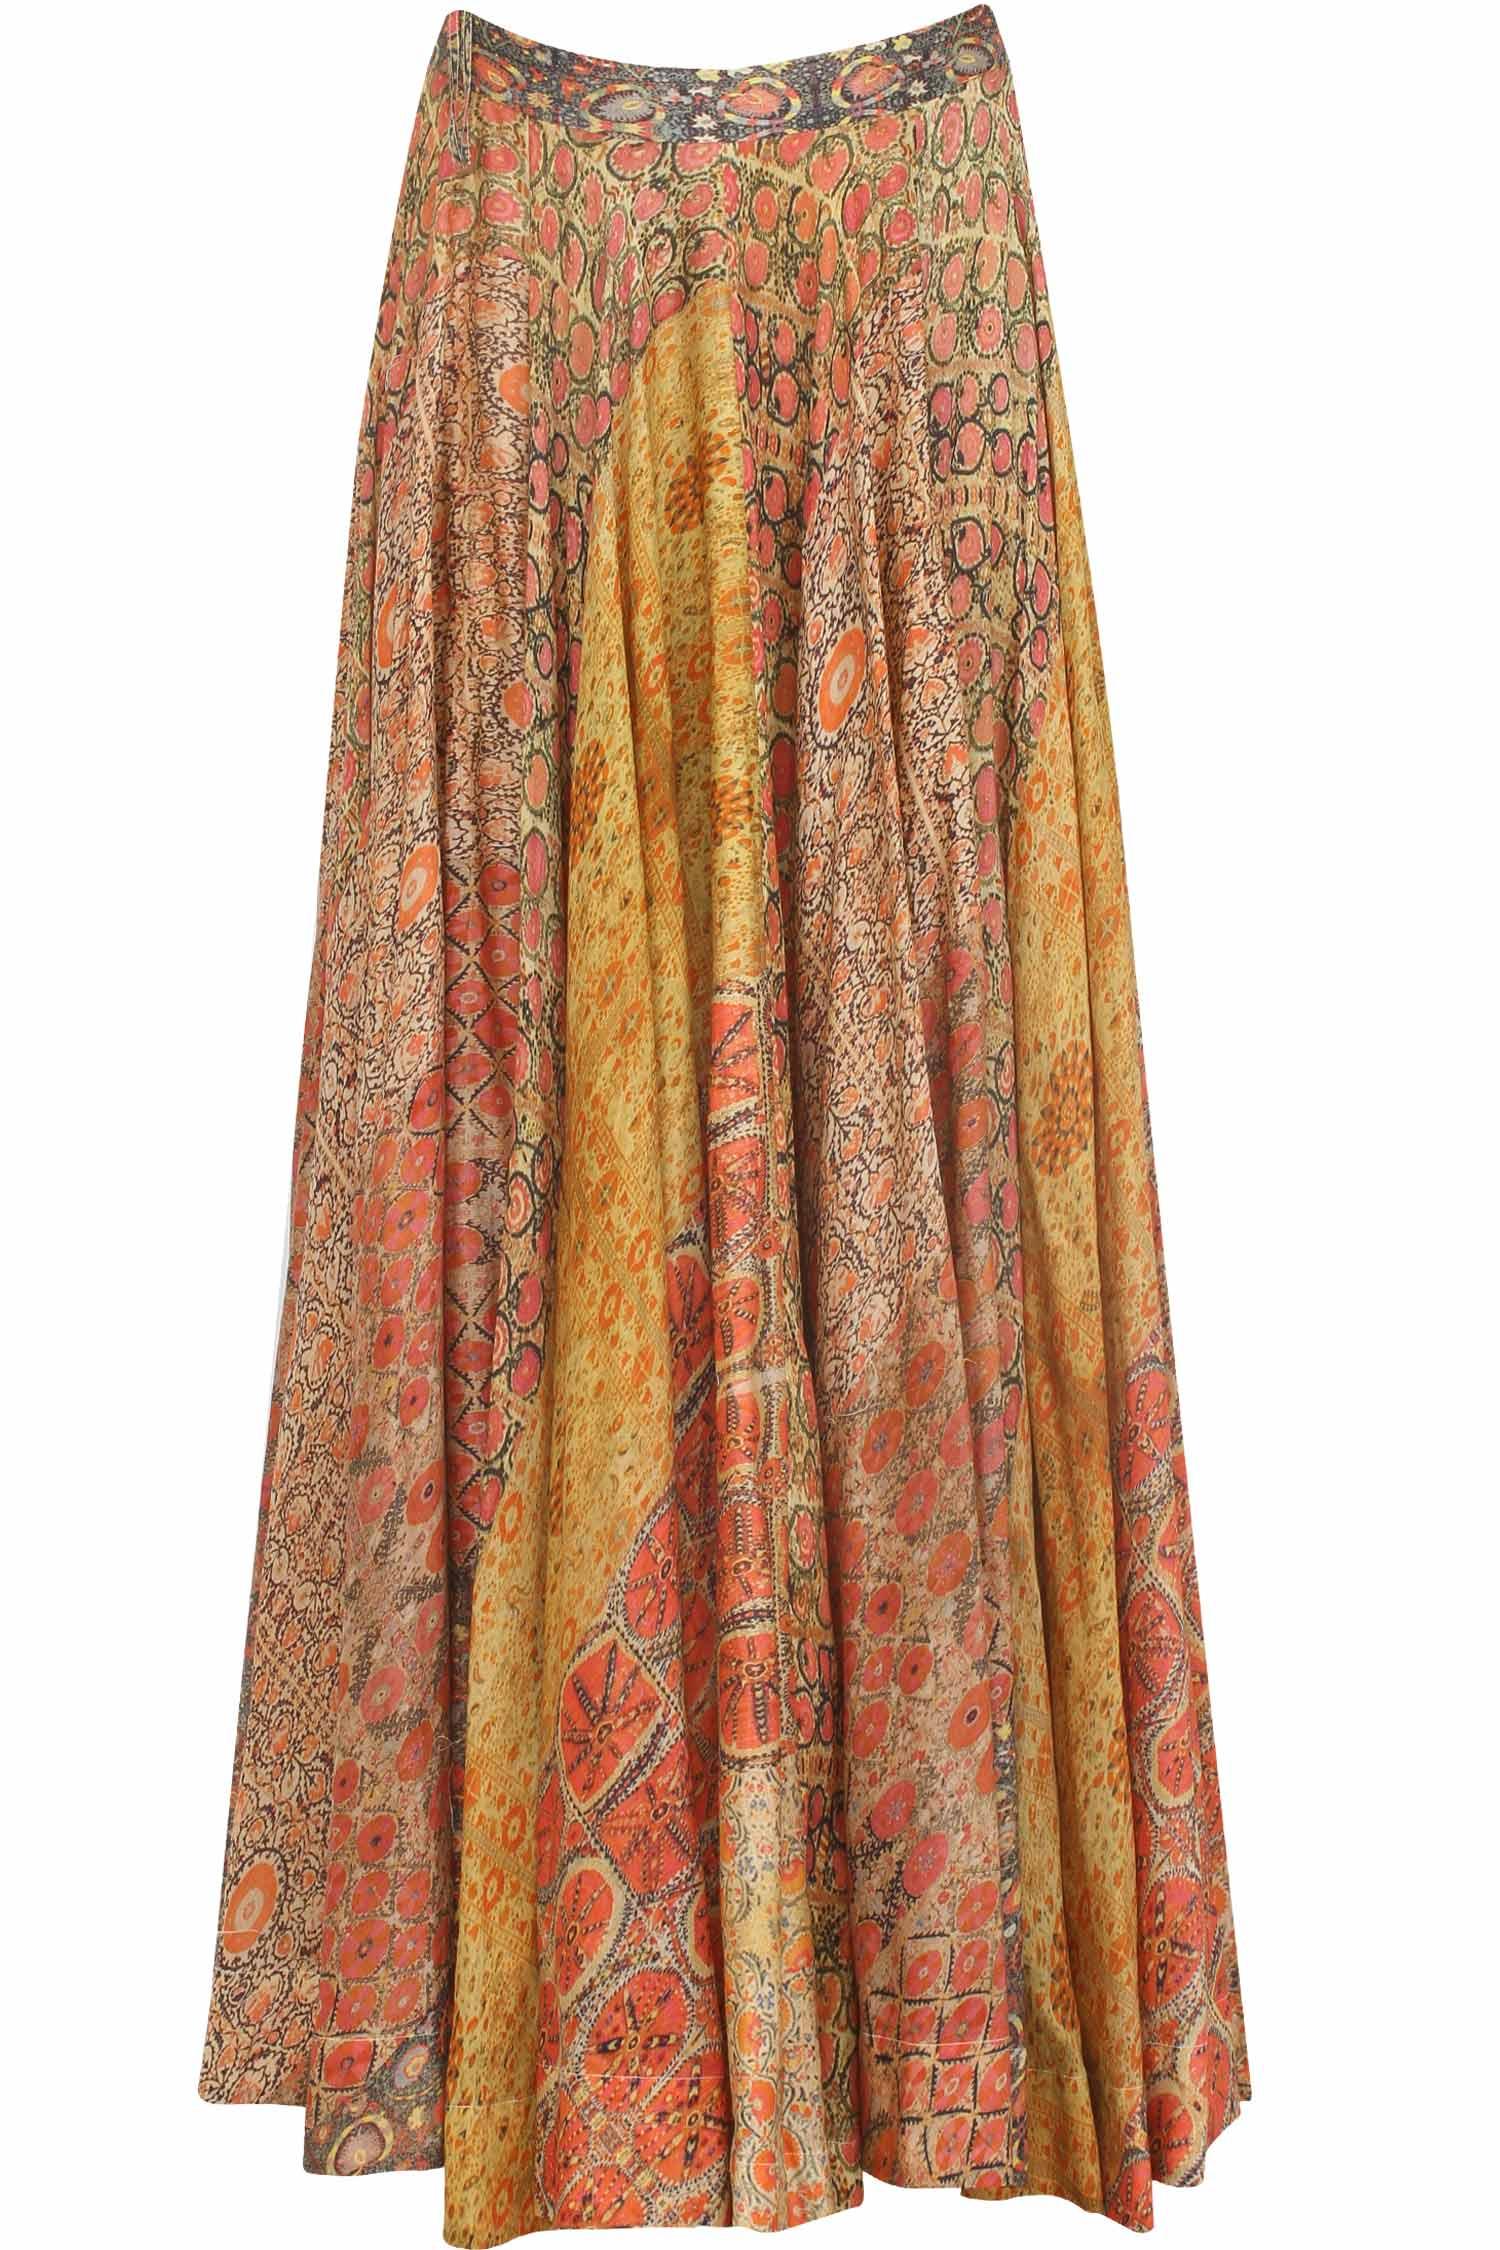 Gota embroidered kurta with jacket and lehenga clothing